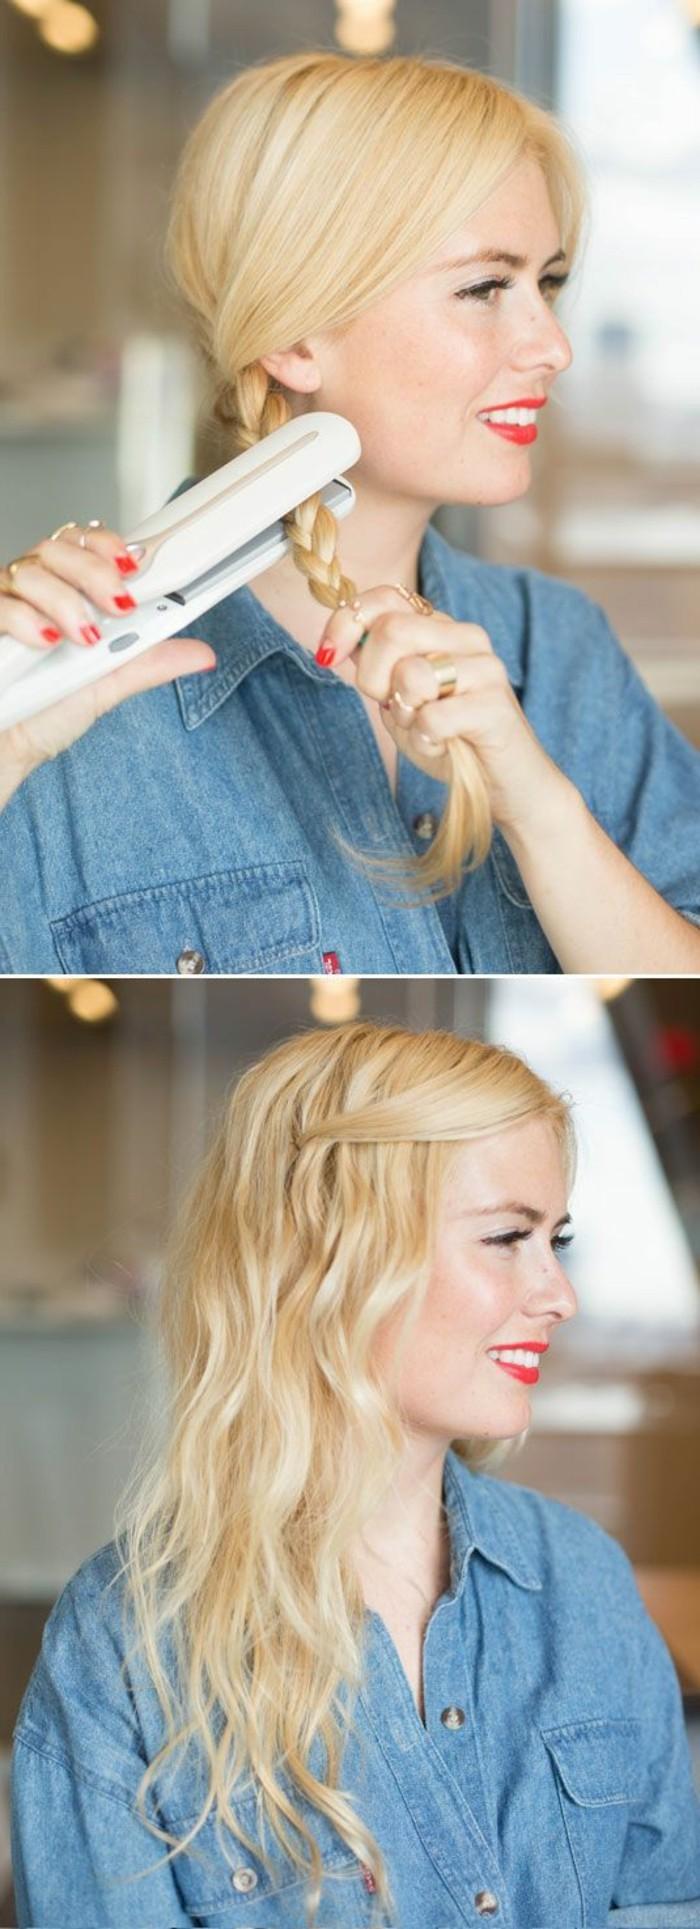 0-comment-faire-facilement-boucles-cheveux-blonds-pour-les-femmes-coiffure-cheveux-attachés